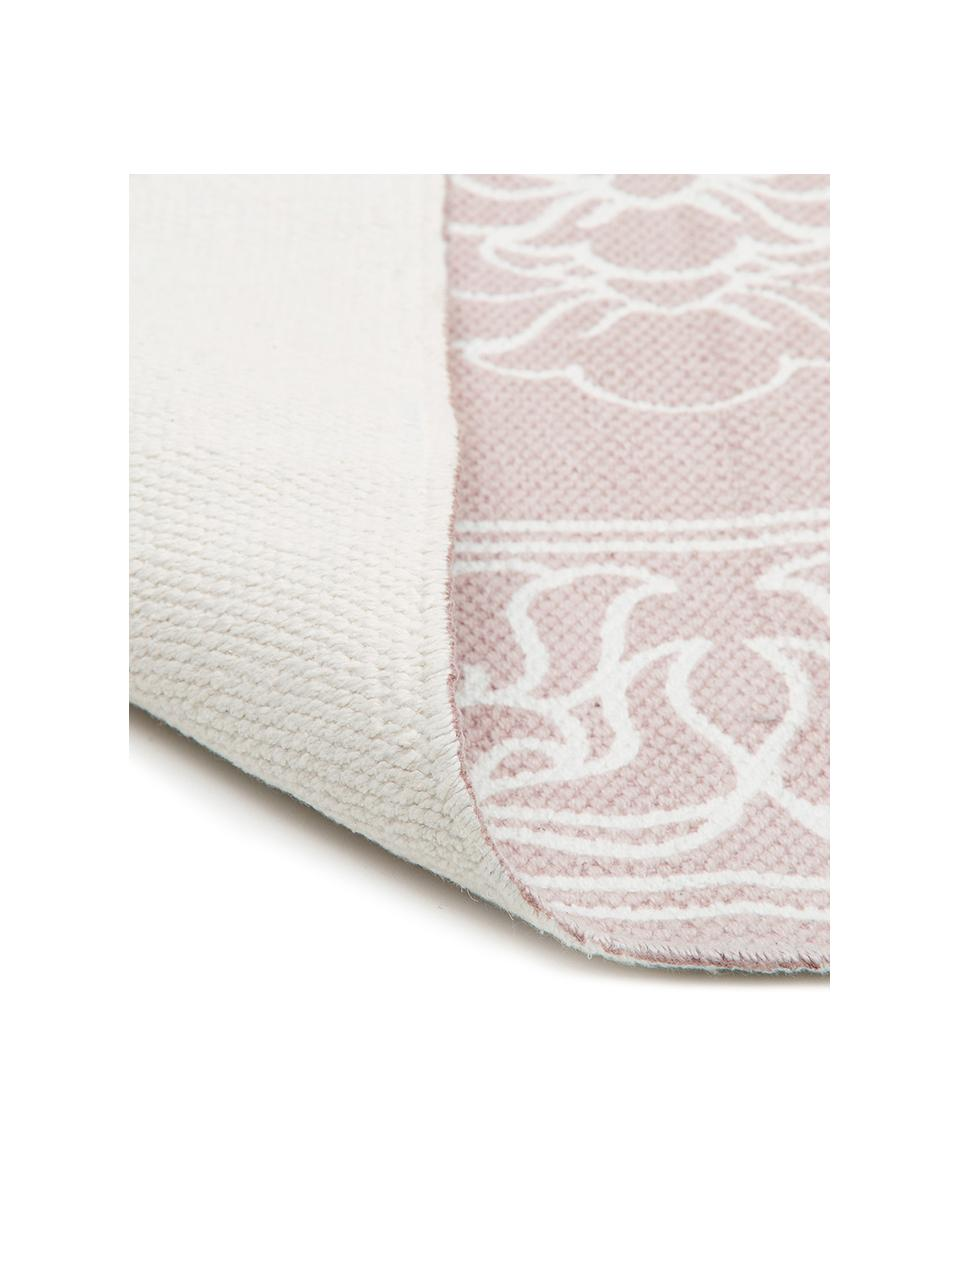 Gemusterter Baumwollteppich Salima mit Quasten, handgewebt, 100% Baumwolle, Rosa, Cremeweiß, B 200 x L 300 cm (Größe L)